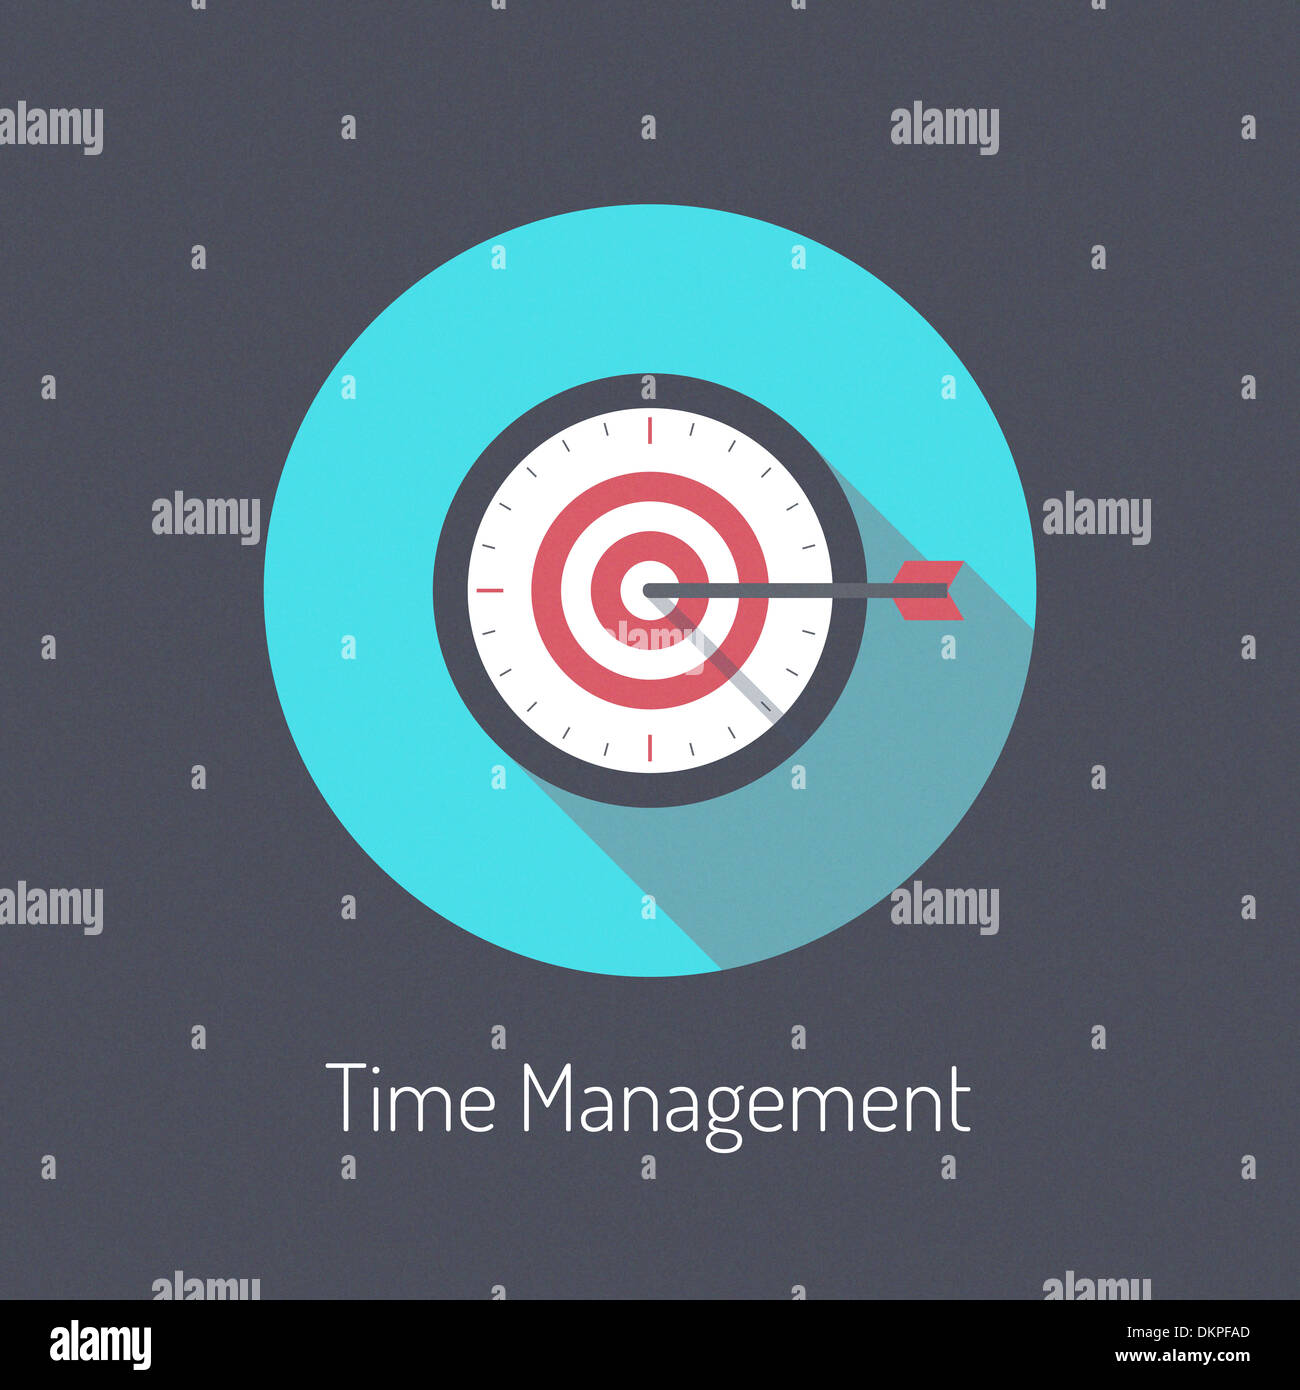 Modèle plat illustration moderne poster concept de processus de planification de gestion du temps et d'affaires est de l'argent temps métaphore Photo Stock